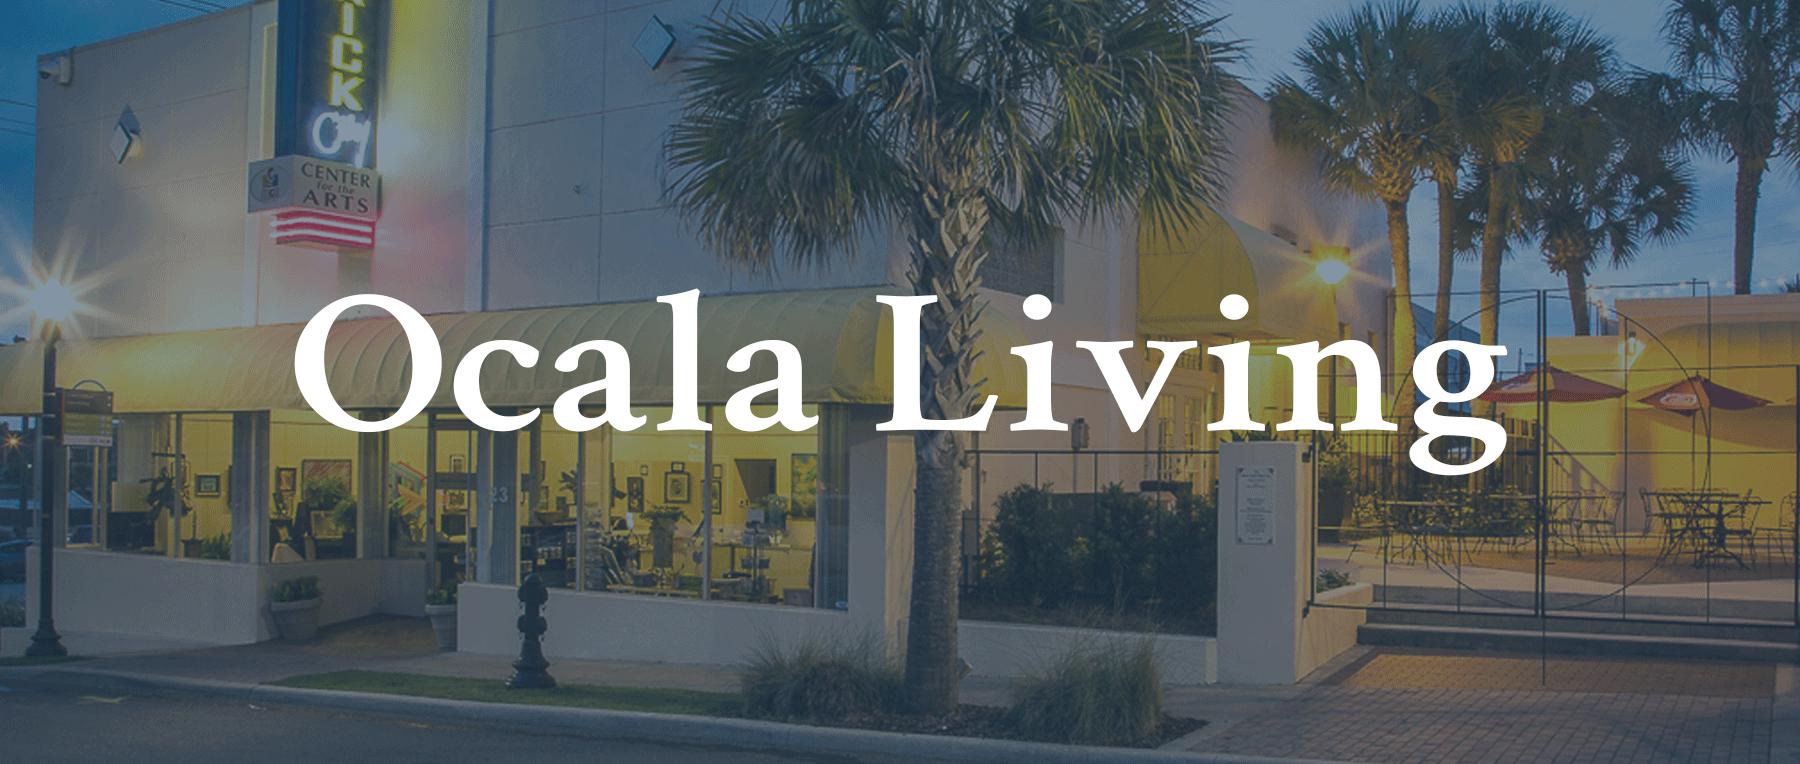 Click for Ocala Living